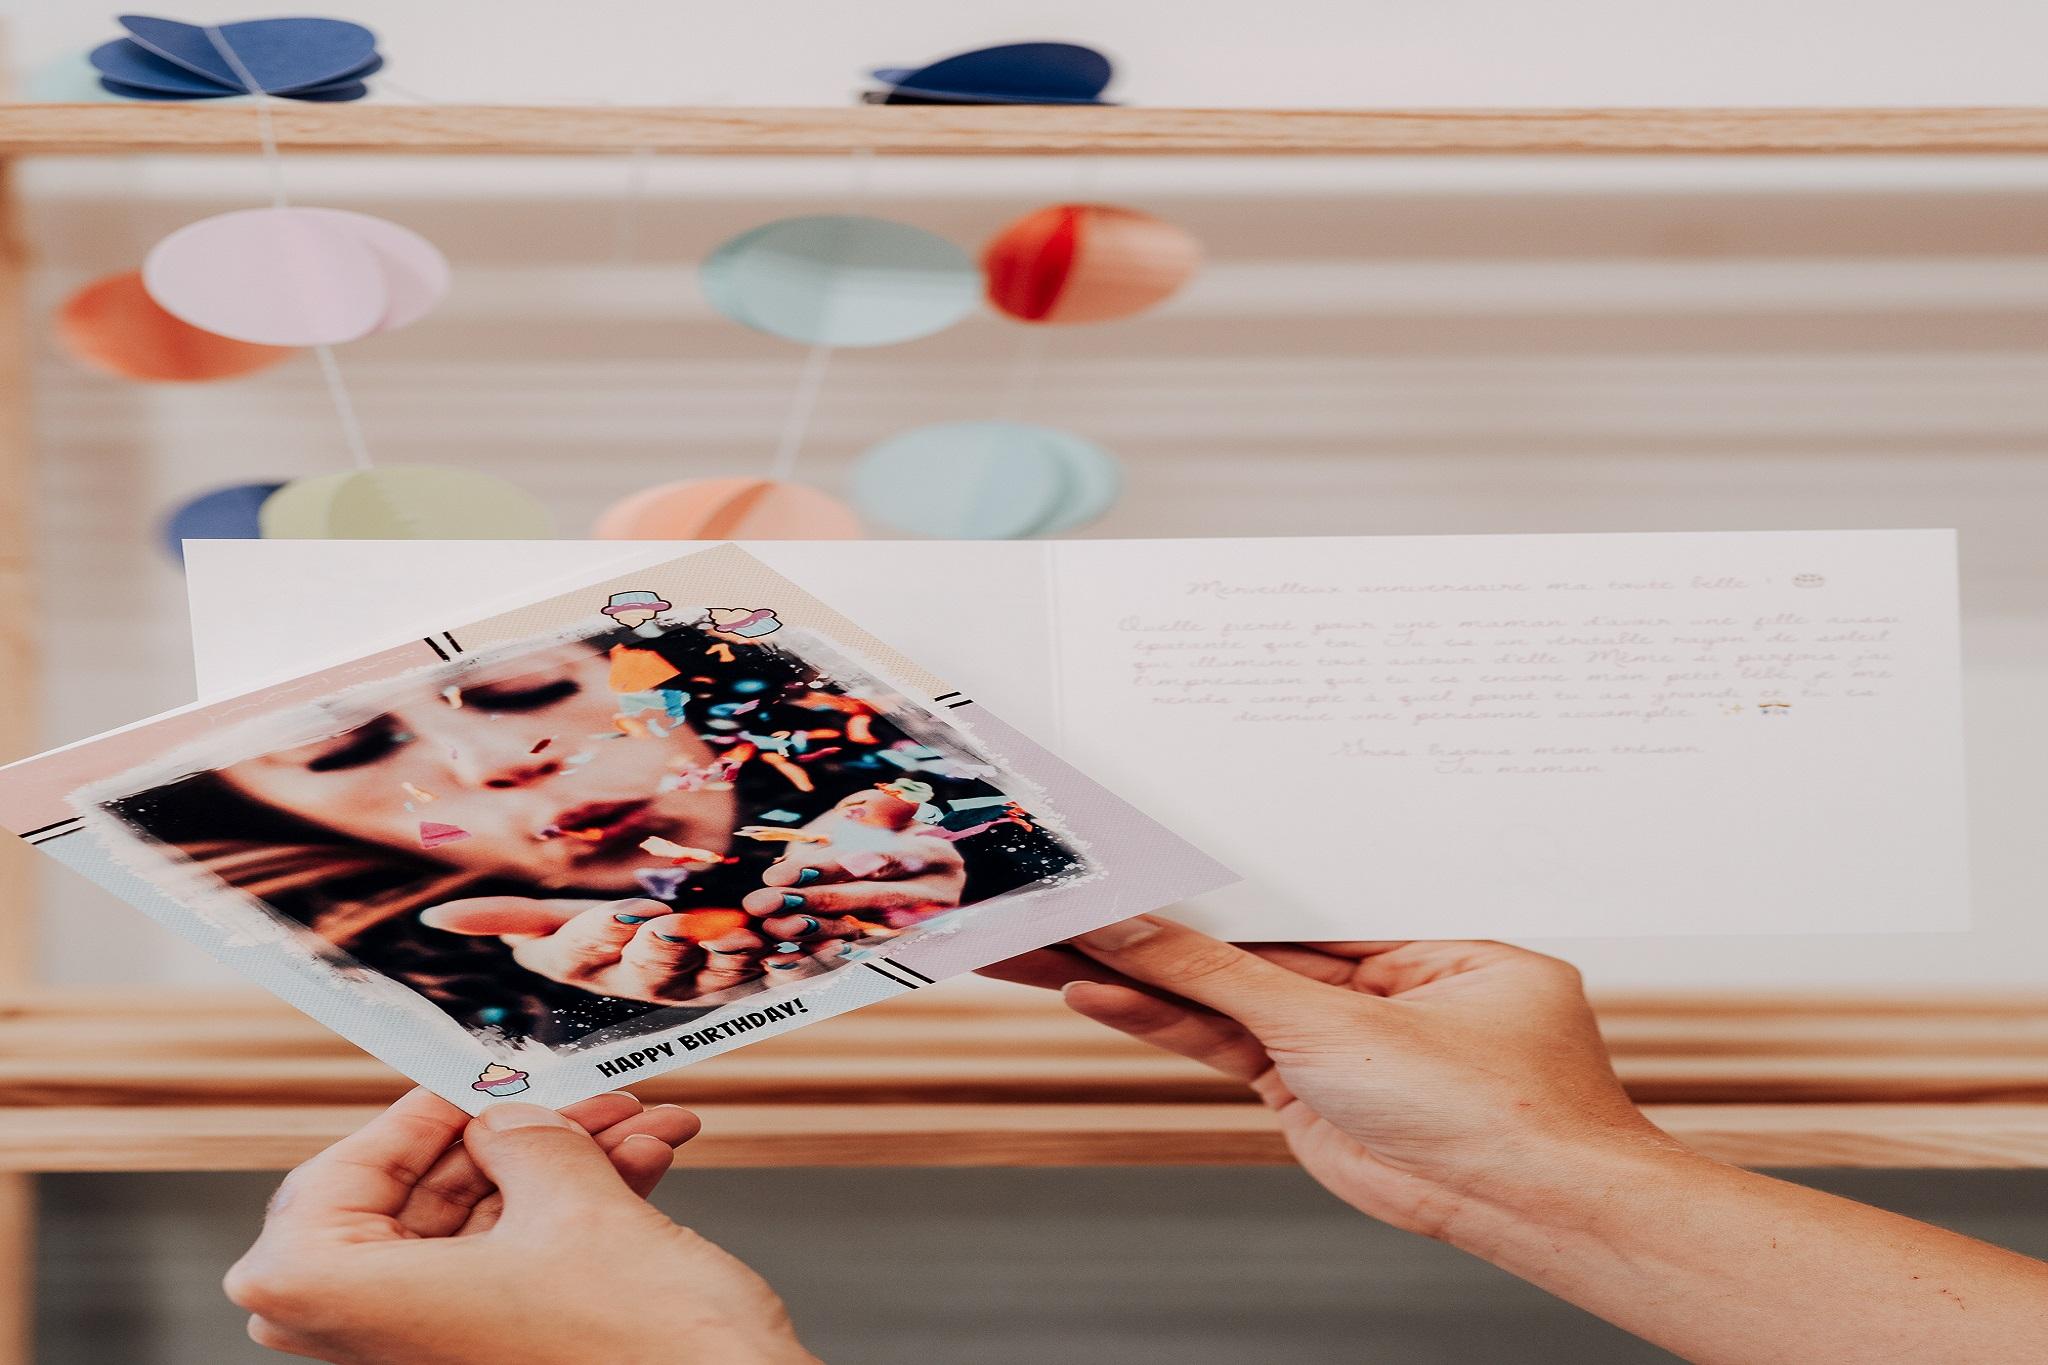 carte avec femme soufflant confetti et texte